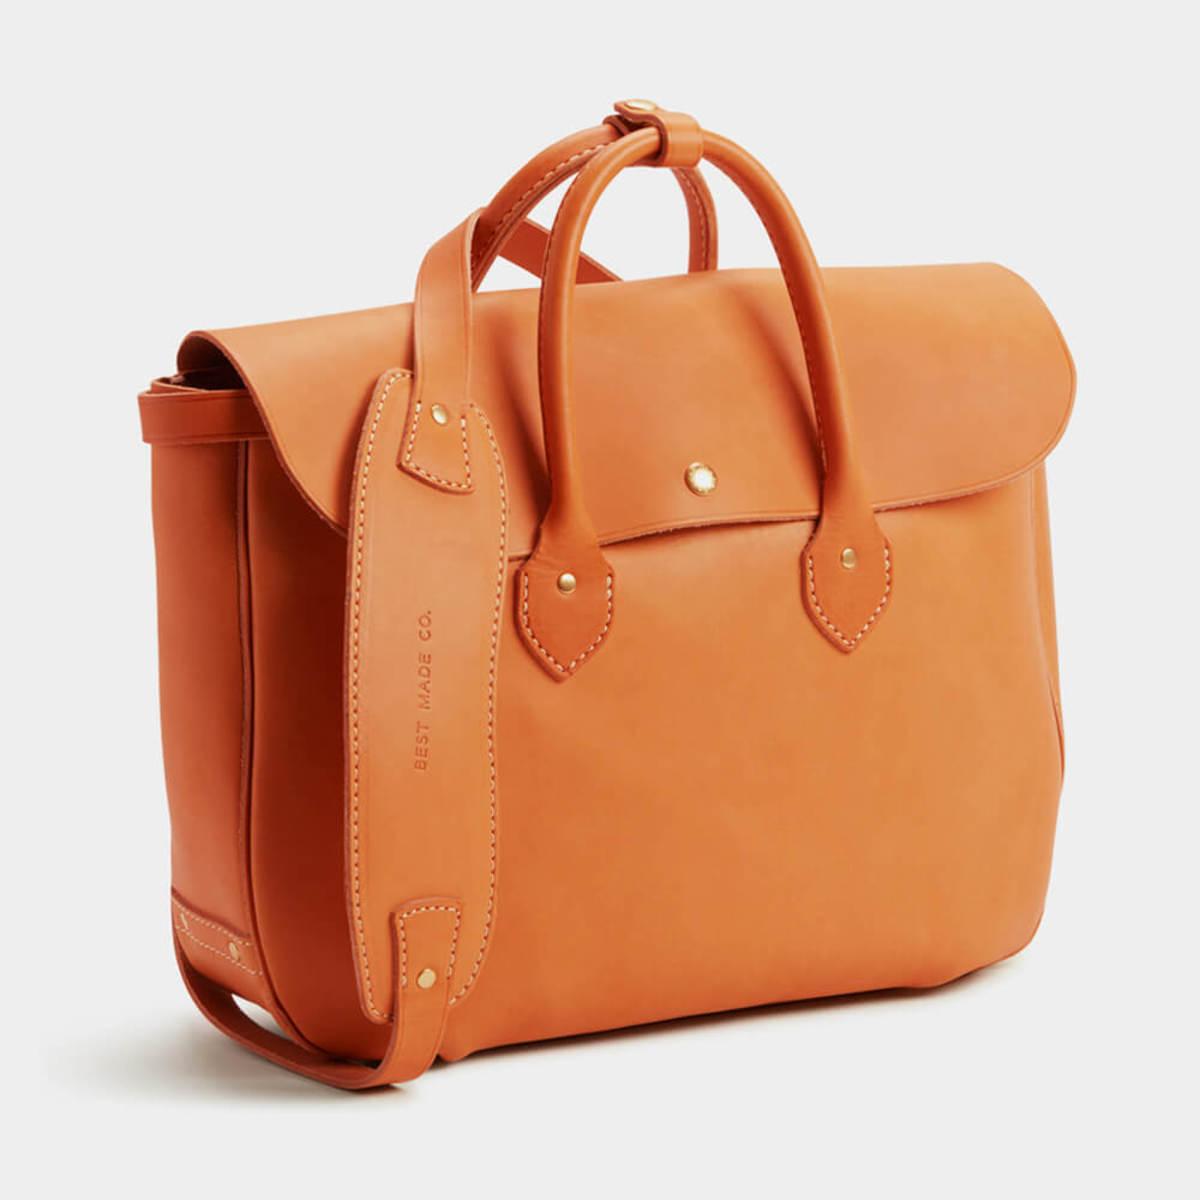 bmc_052219_leather_briefcase_0009_GW_MG